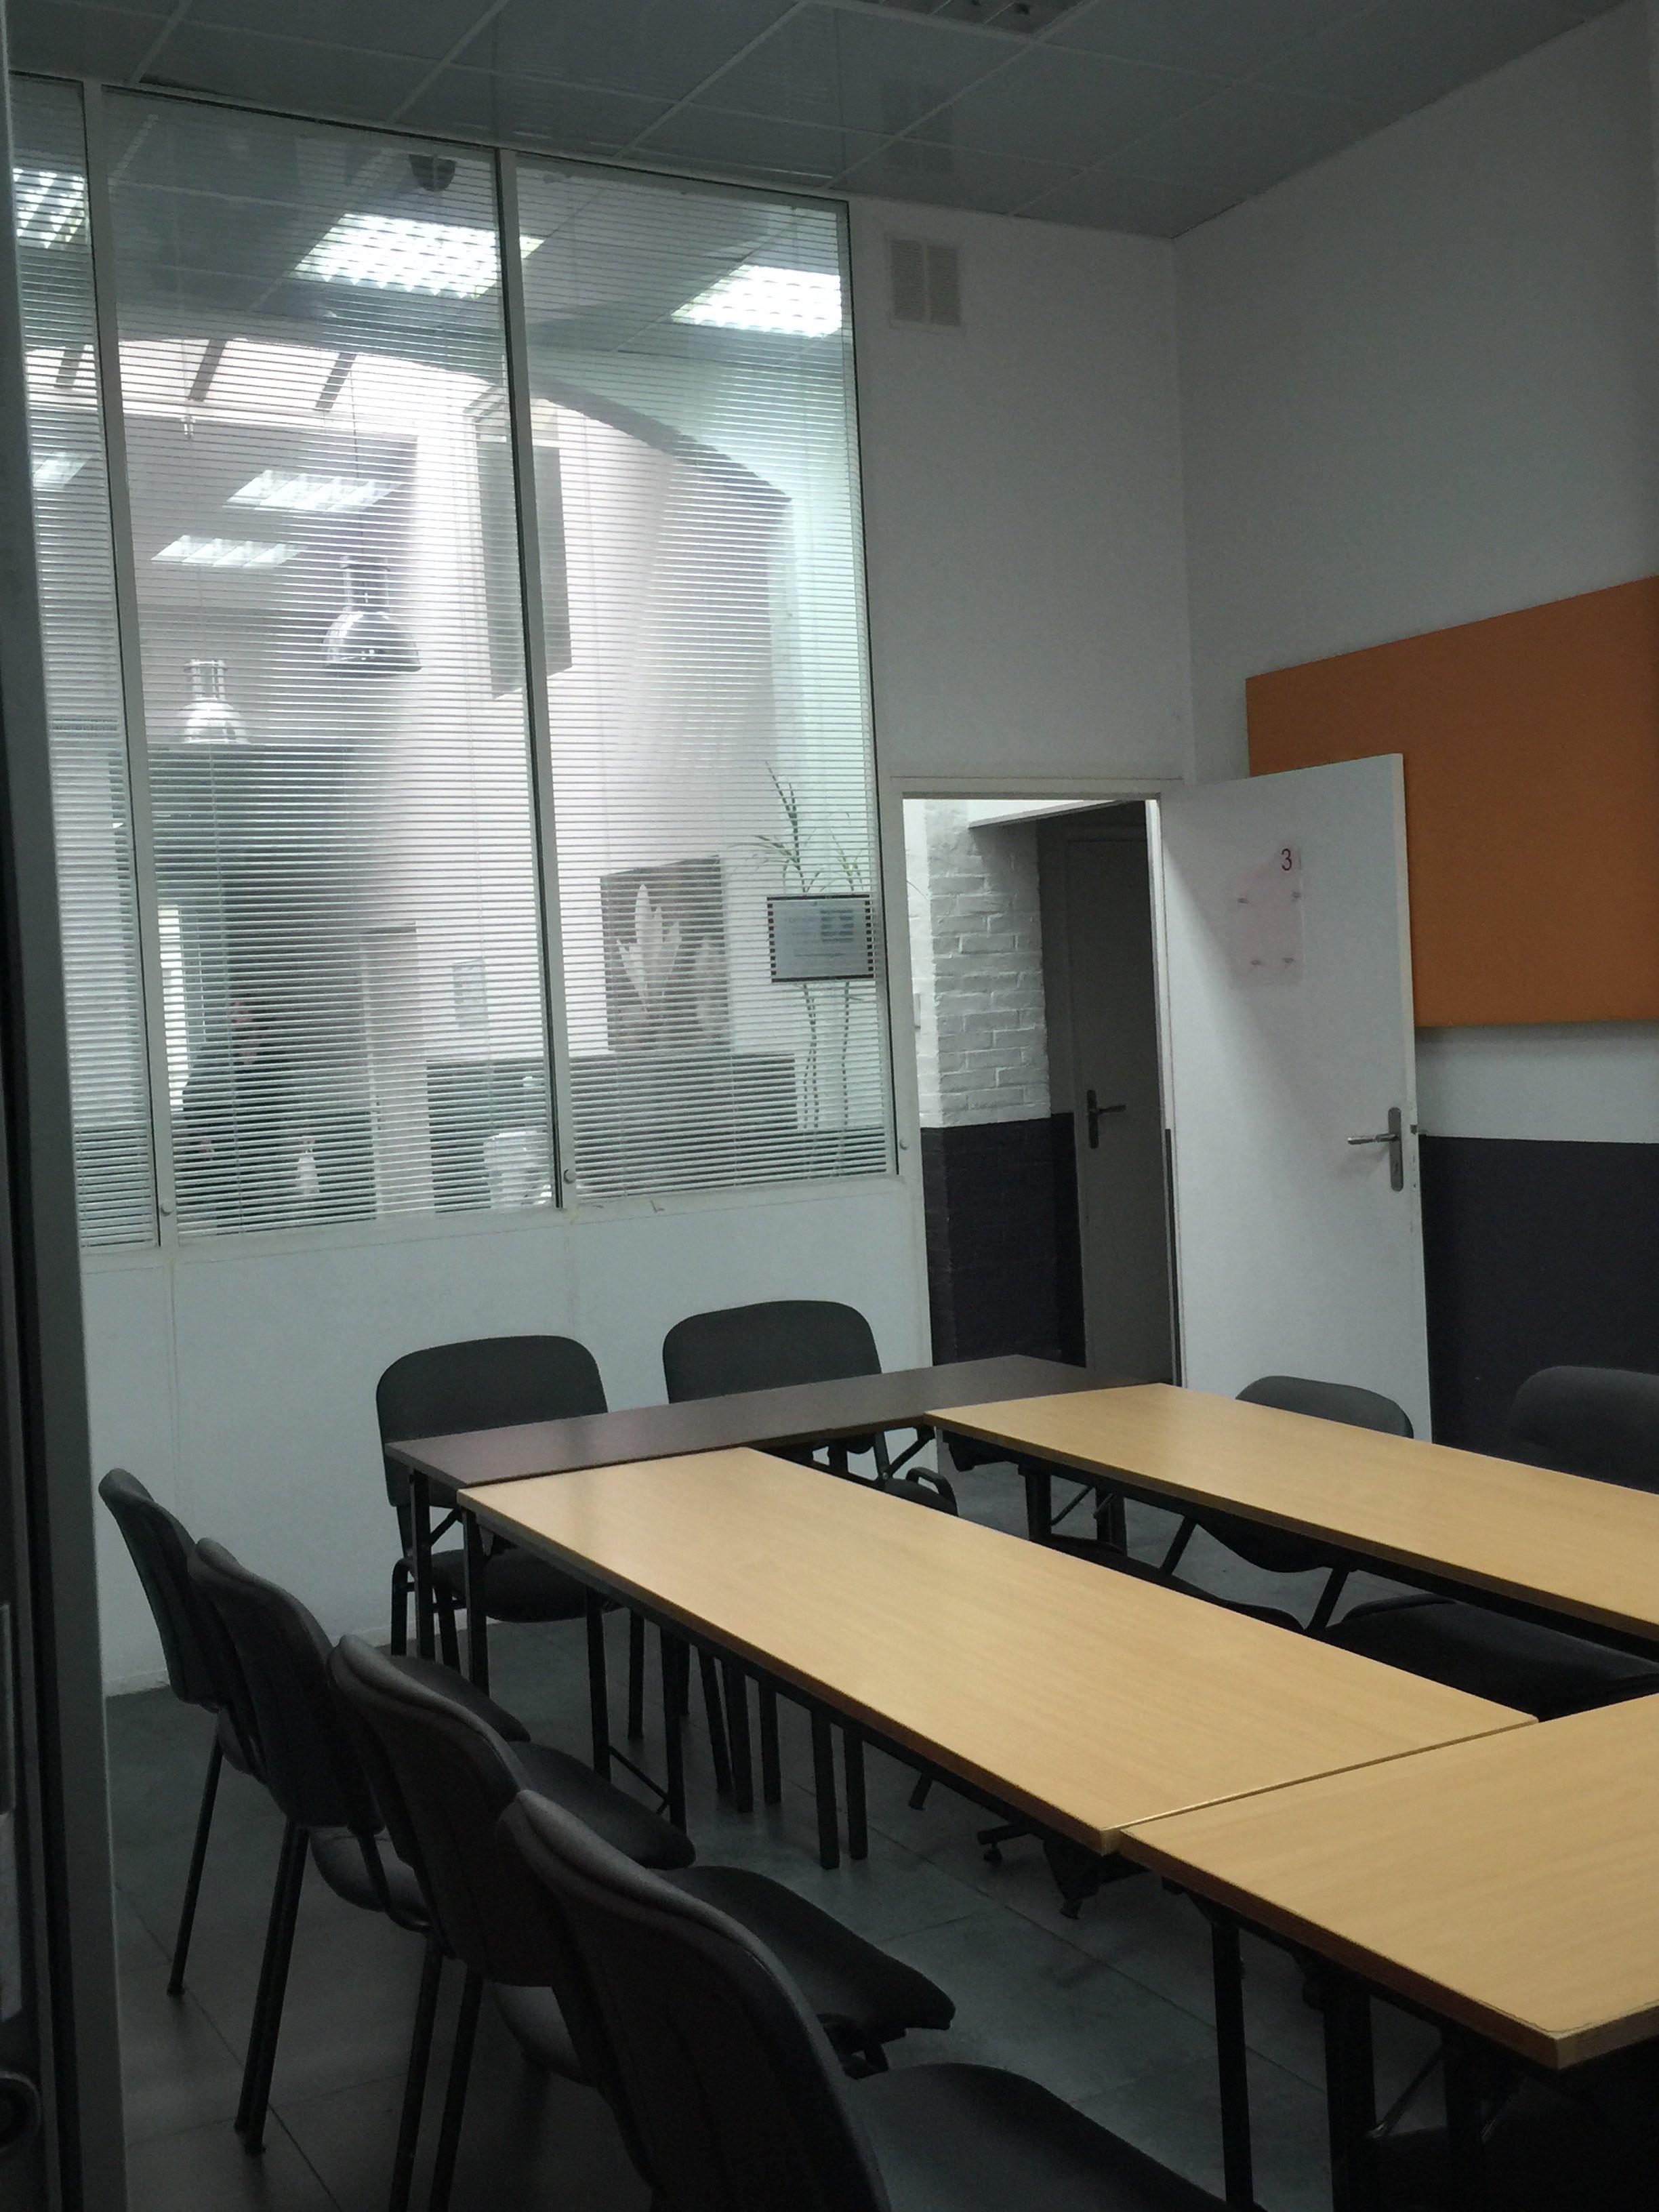 salle 3 - 1 copie